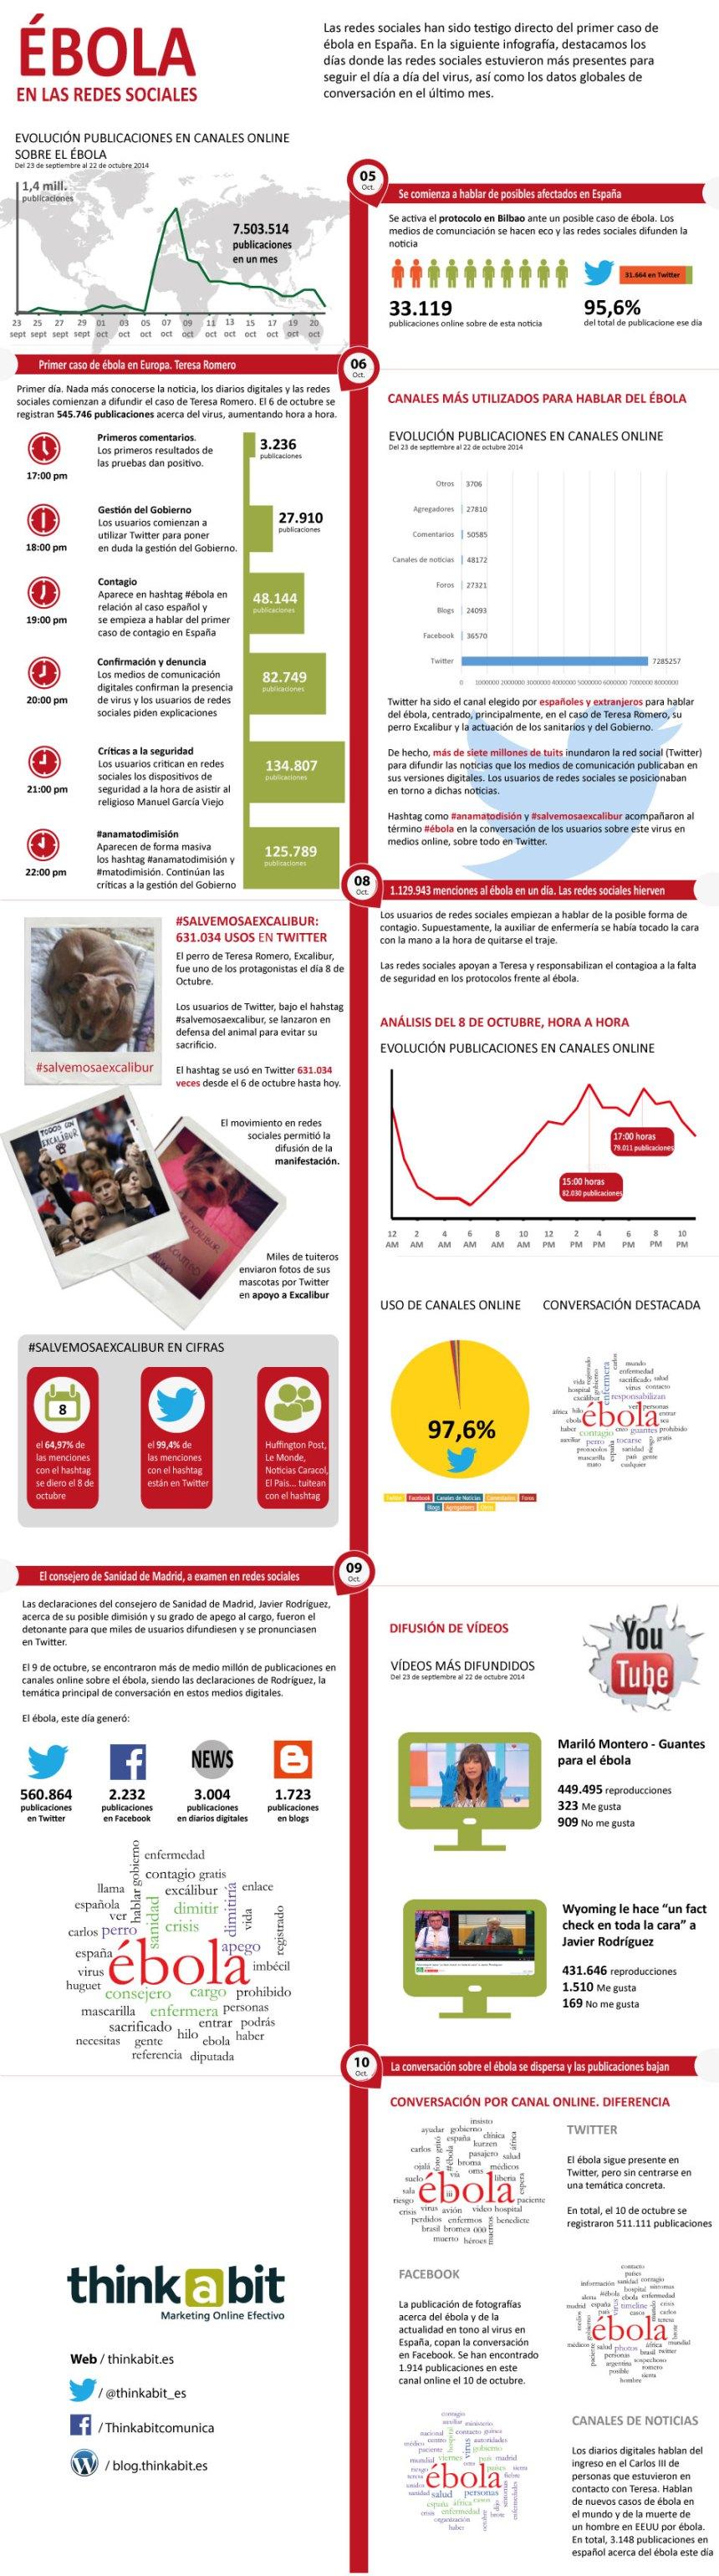 El ébola en las Redes Sociales